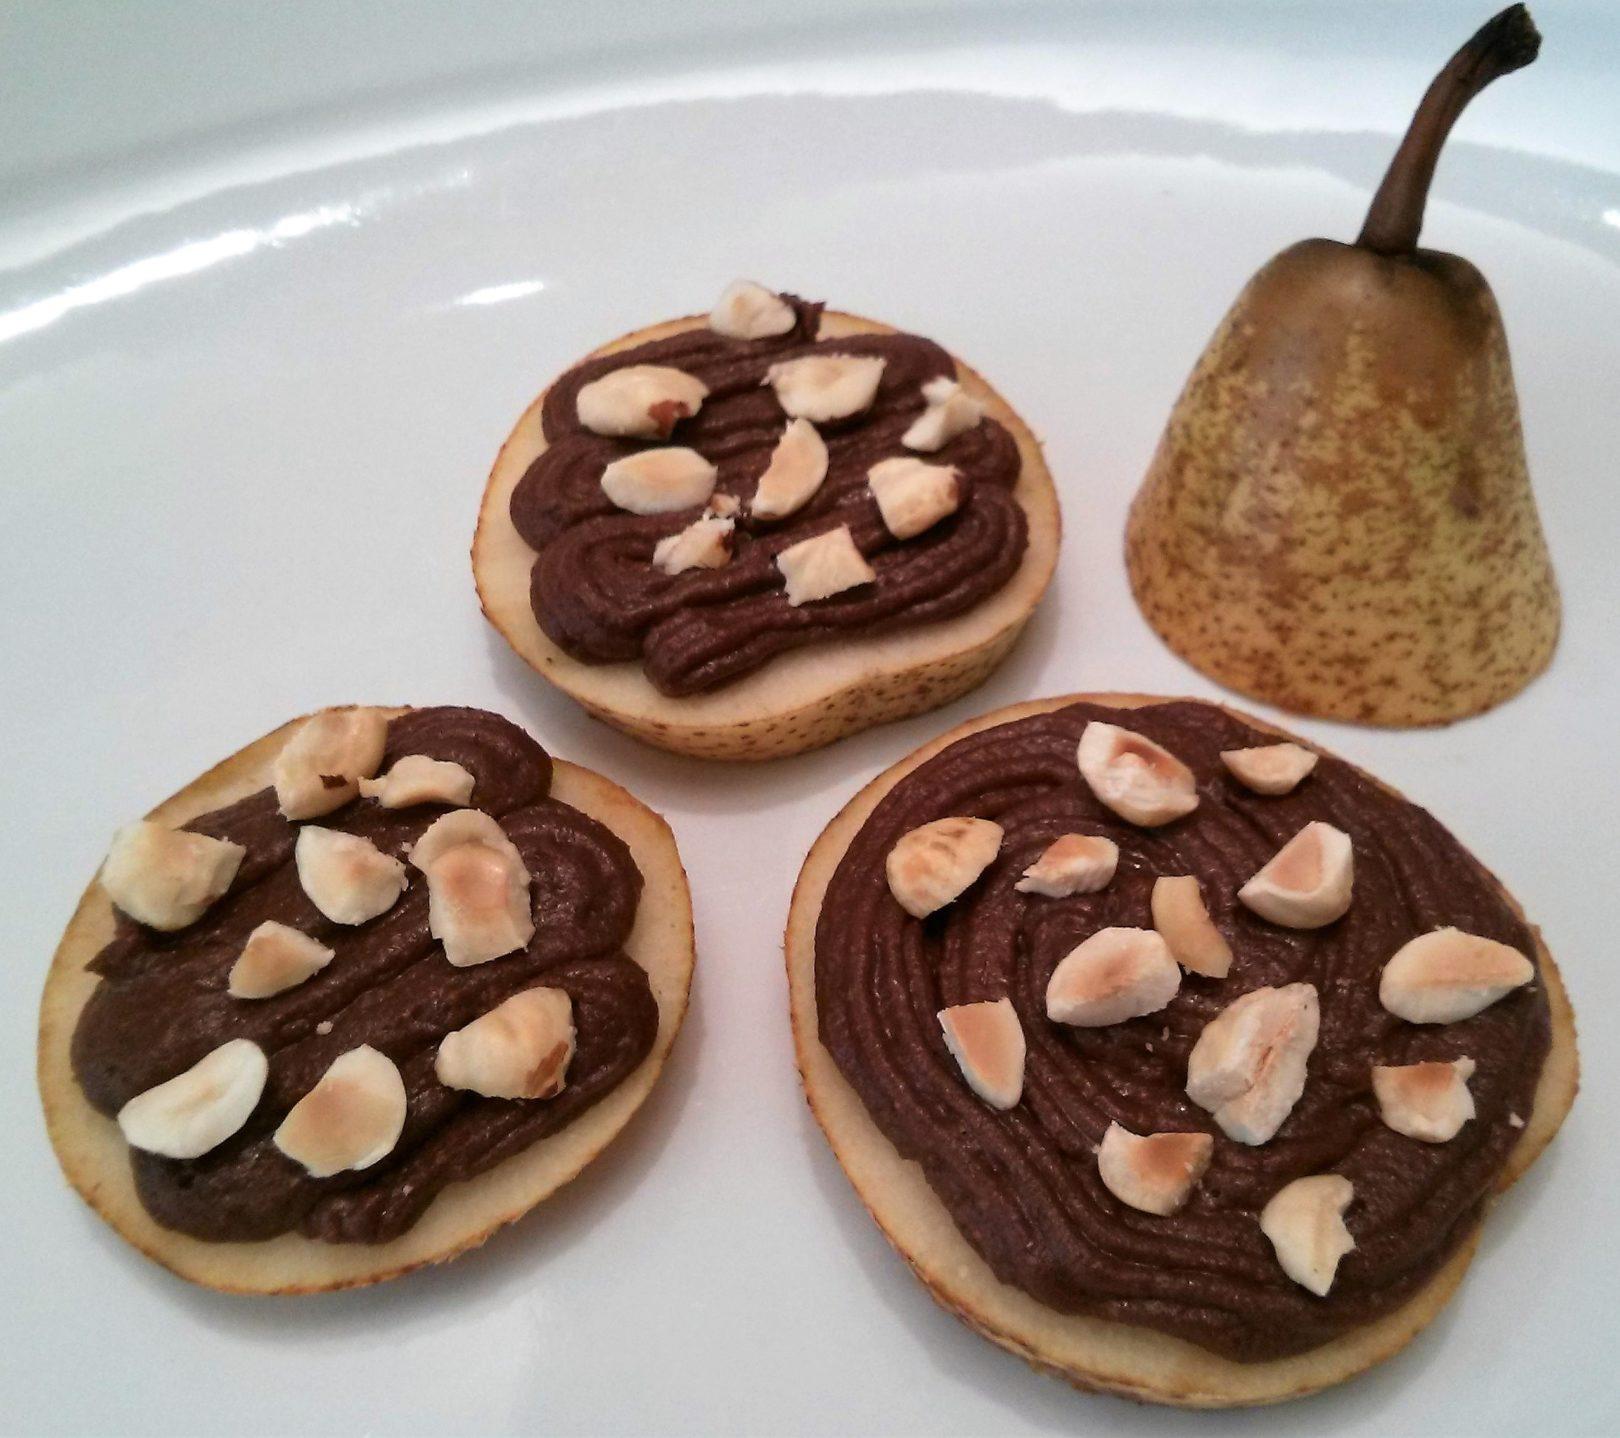 Crema spalmabile ai superfood: cacao crudo, maca e lucuma